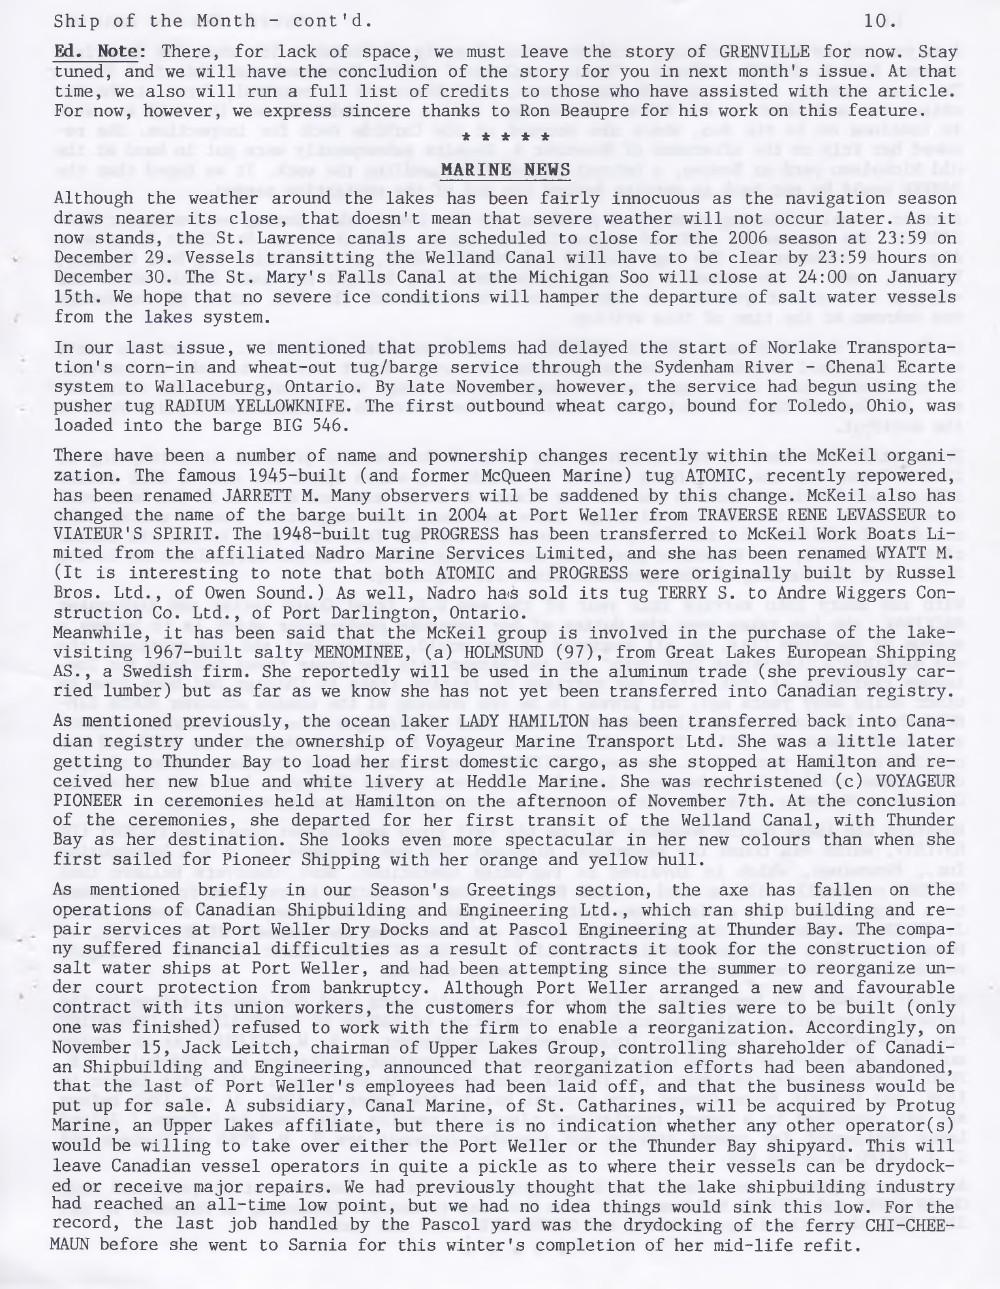 Scanner, v. 39, no. 2 (December 2006)